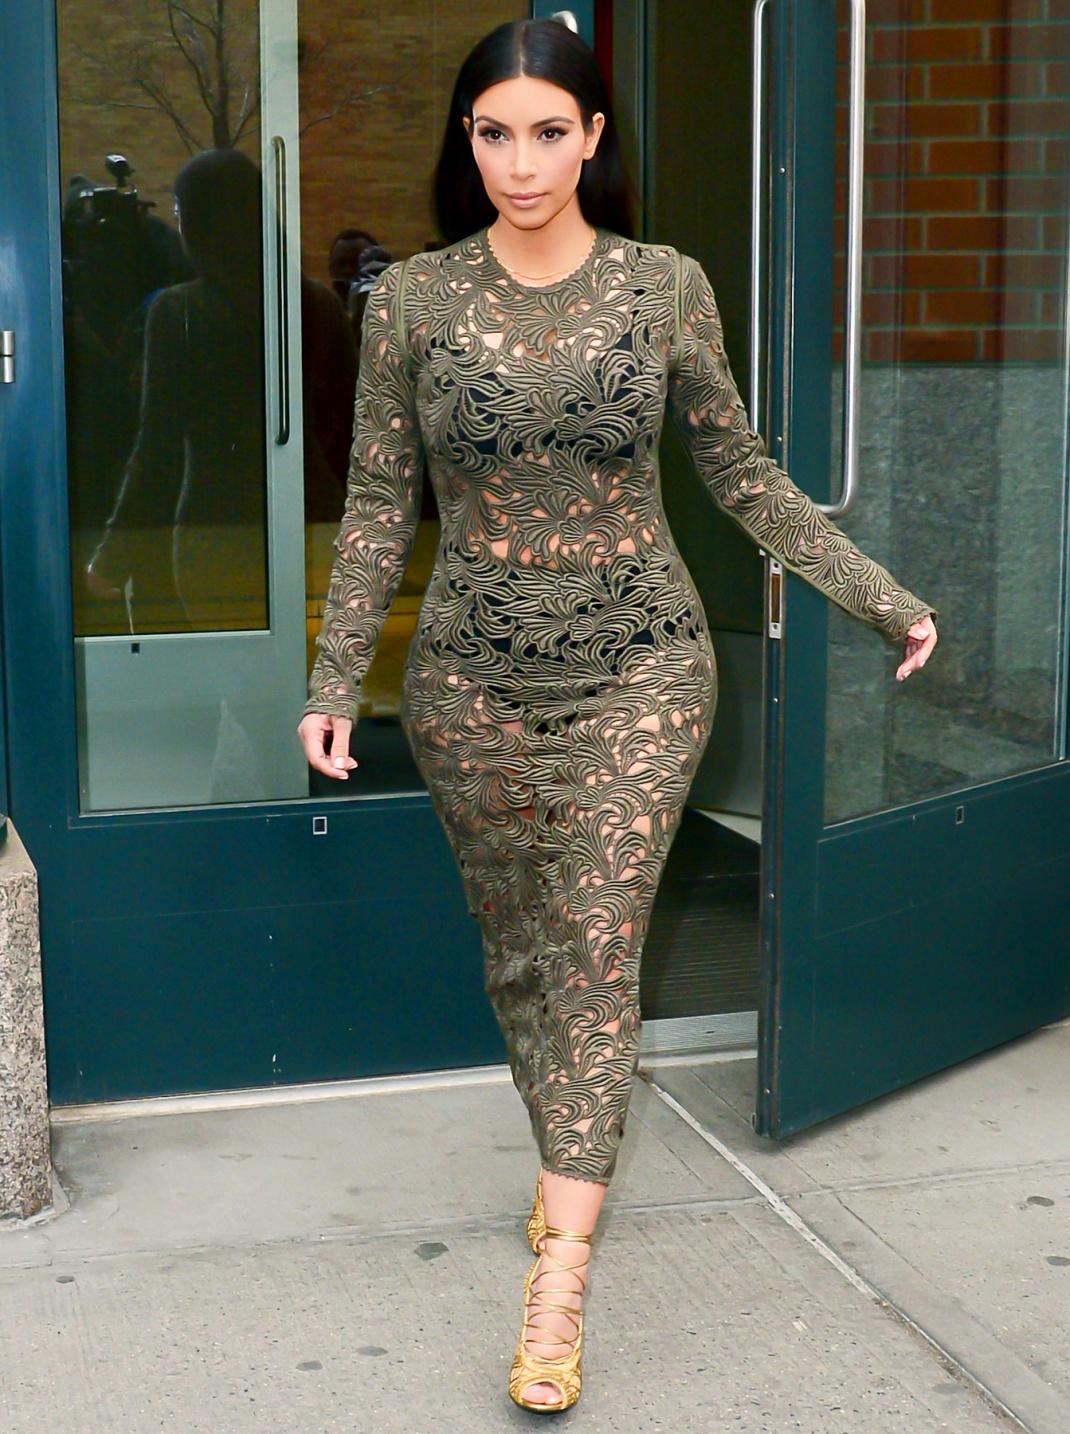 Kim-Kardashian-lace-dress-hd-images